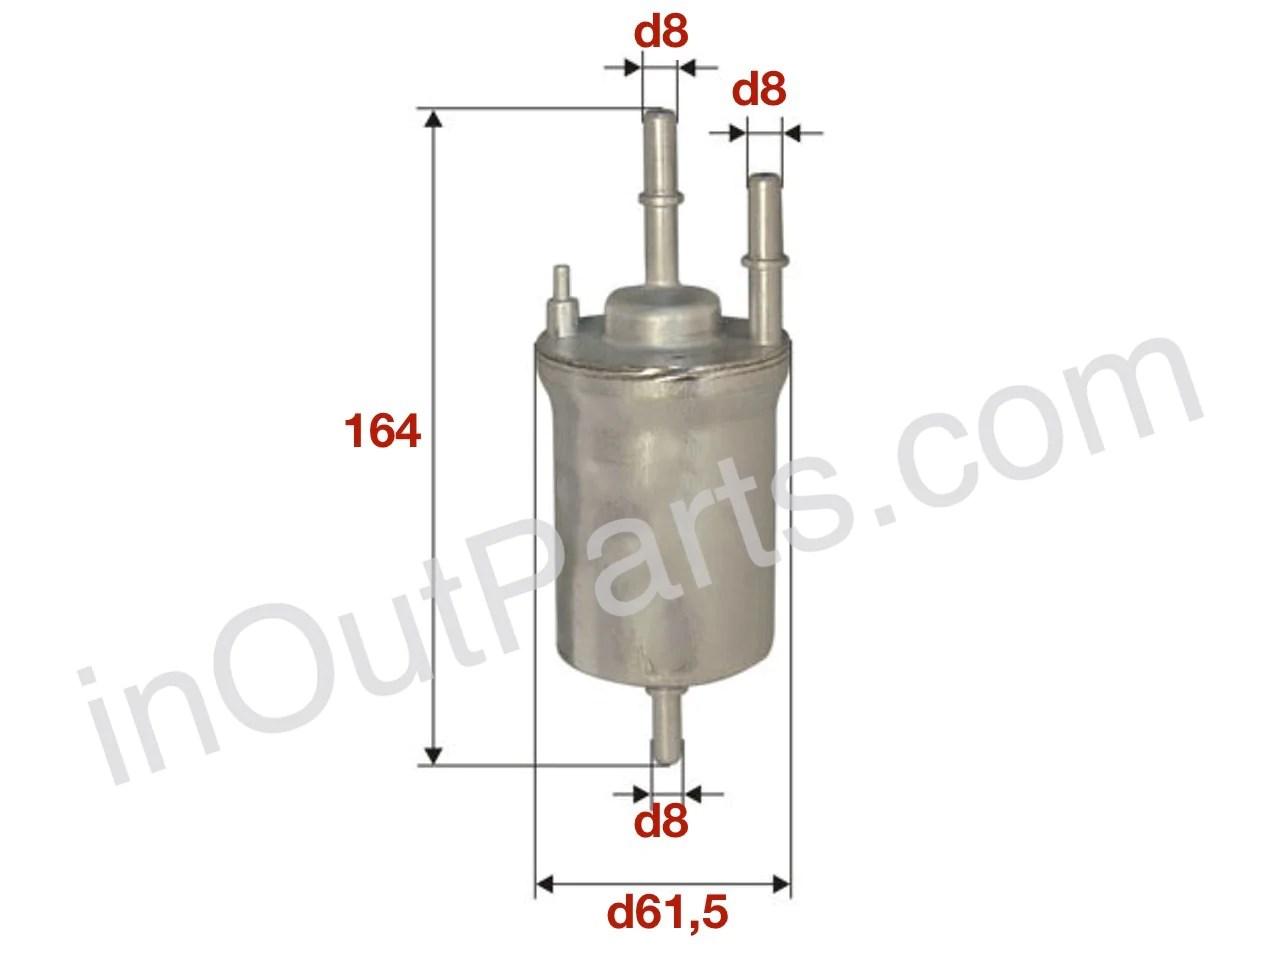 medium resolution of volkswagen fuel filter